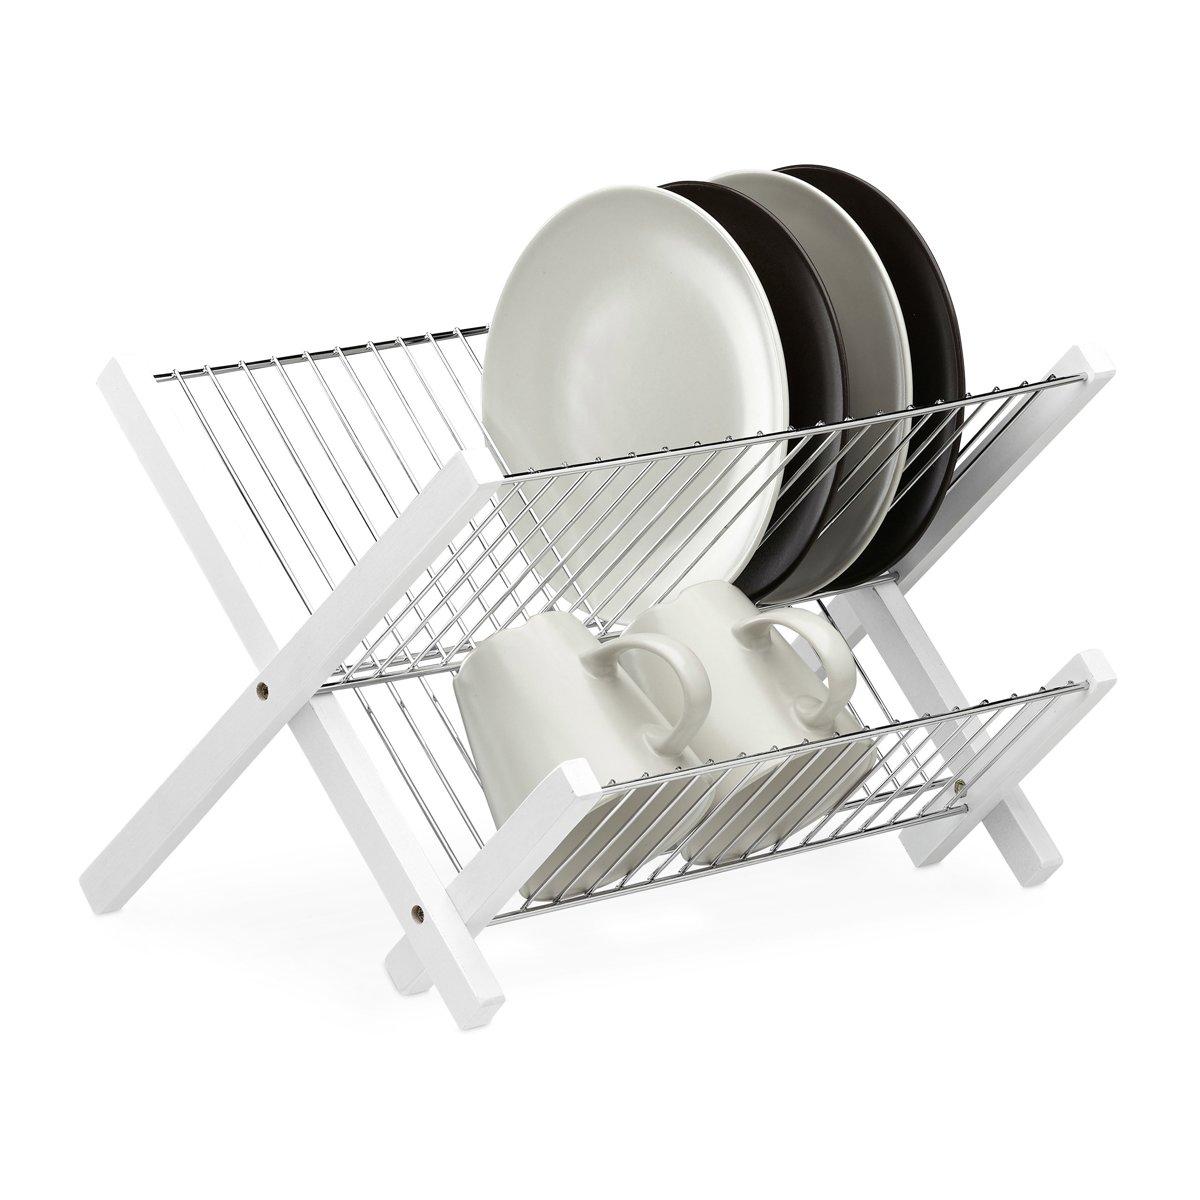 relaxdays afdruiprek edelstaal - 2 etages - droogrek borden - afwasrek - wit - klapbaar kopen